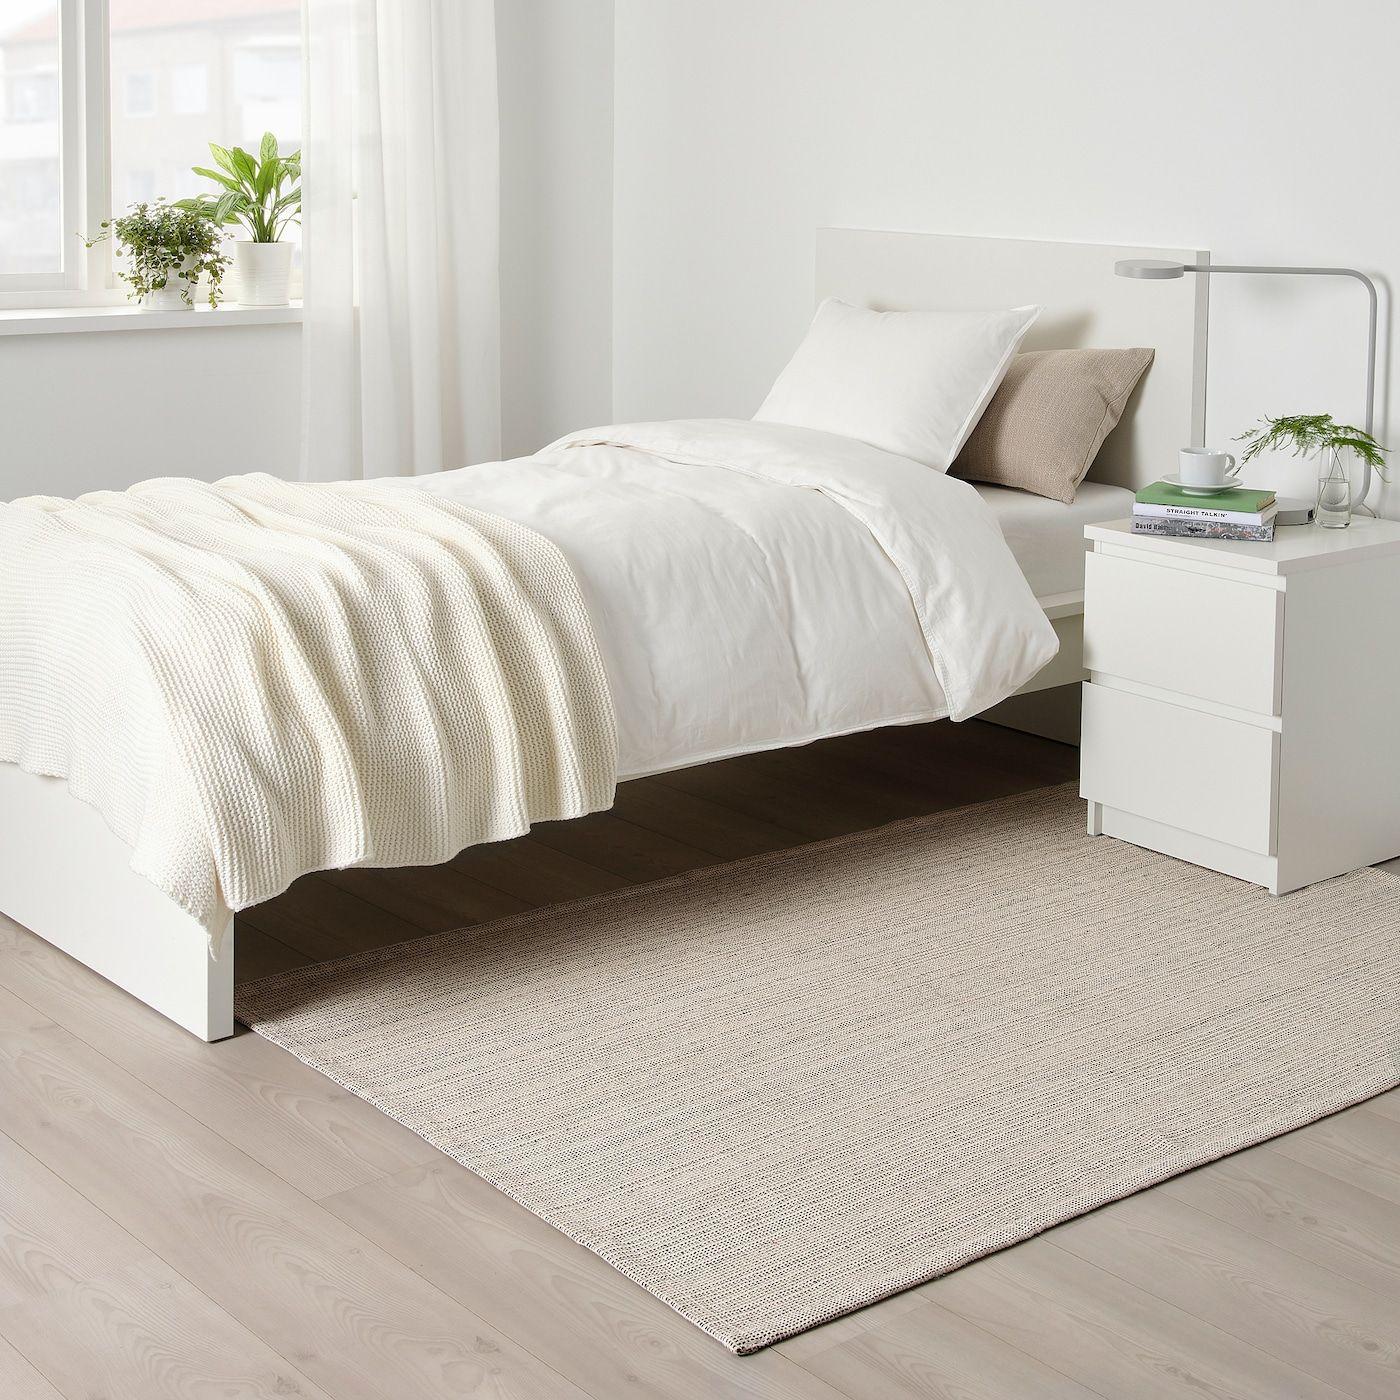 Tiphede Teppich Flach Gewebt Natur Elfenbeinweiß 120x180 Cm Ikea Österreich Teppich Flach Gewebt Zimmer Gestalten Teppich Unter Dem Bett